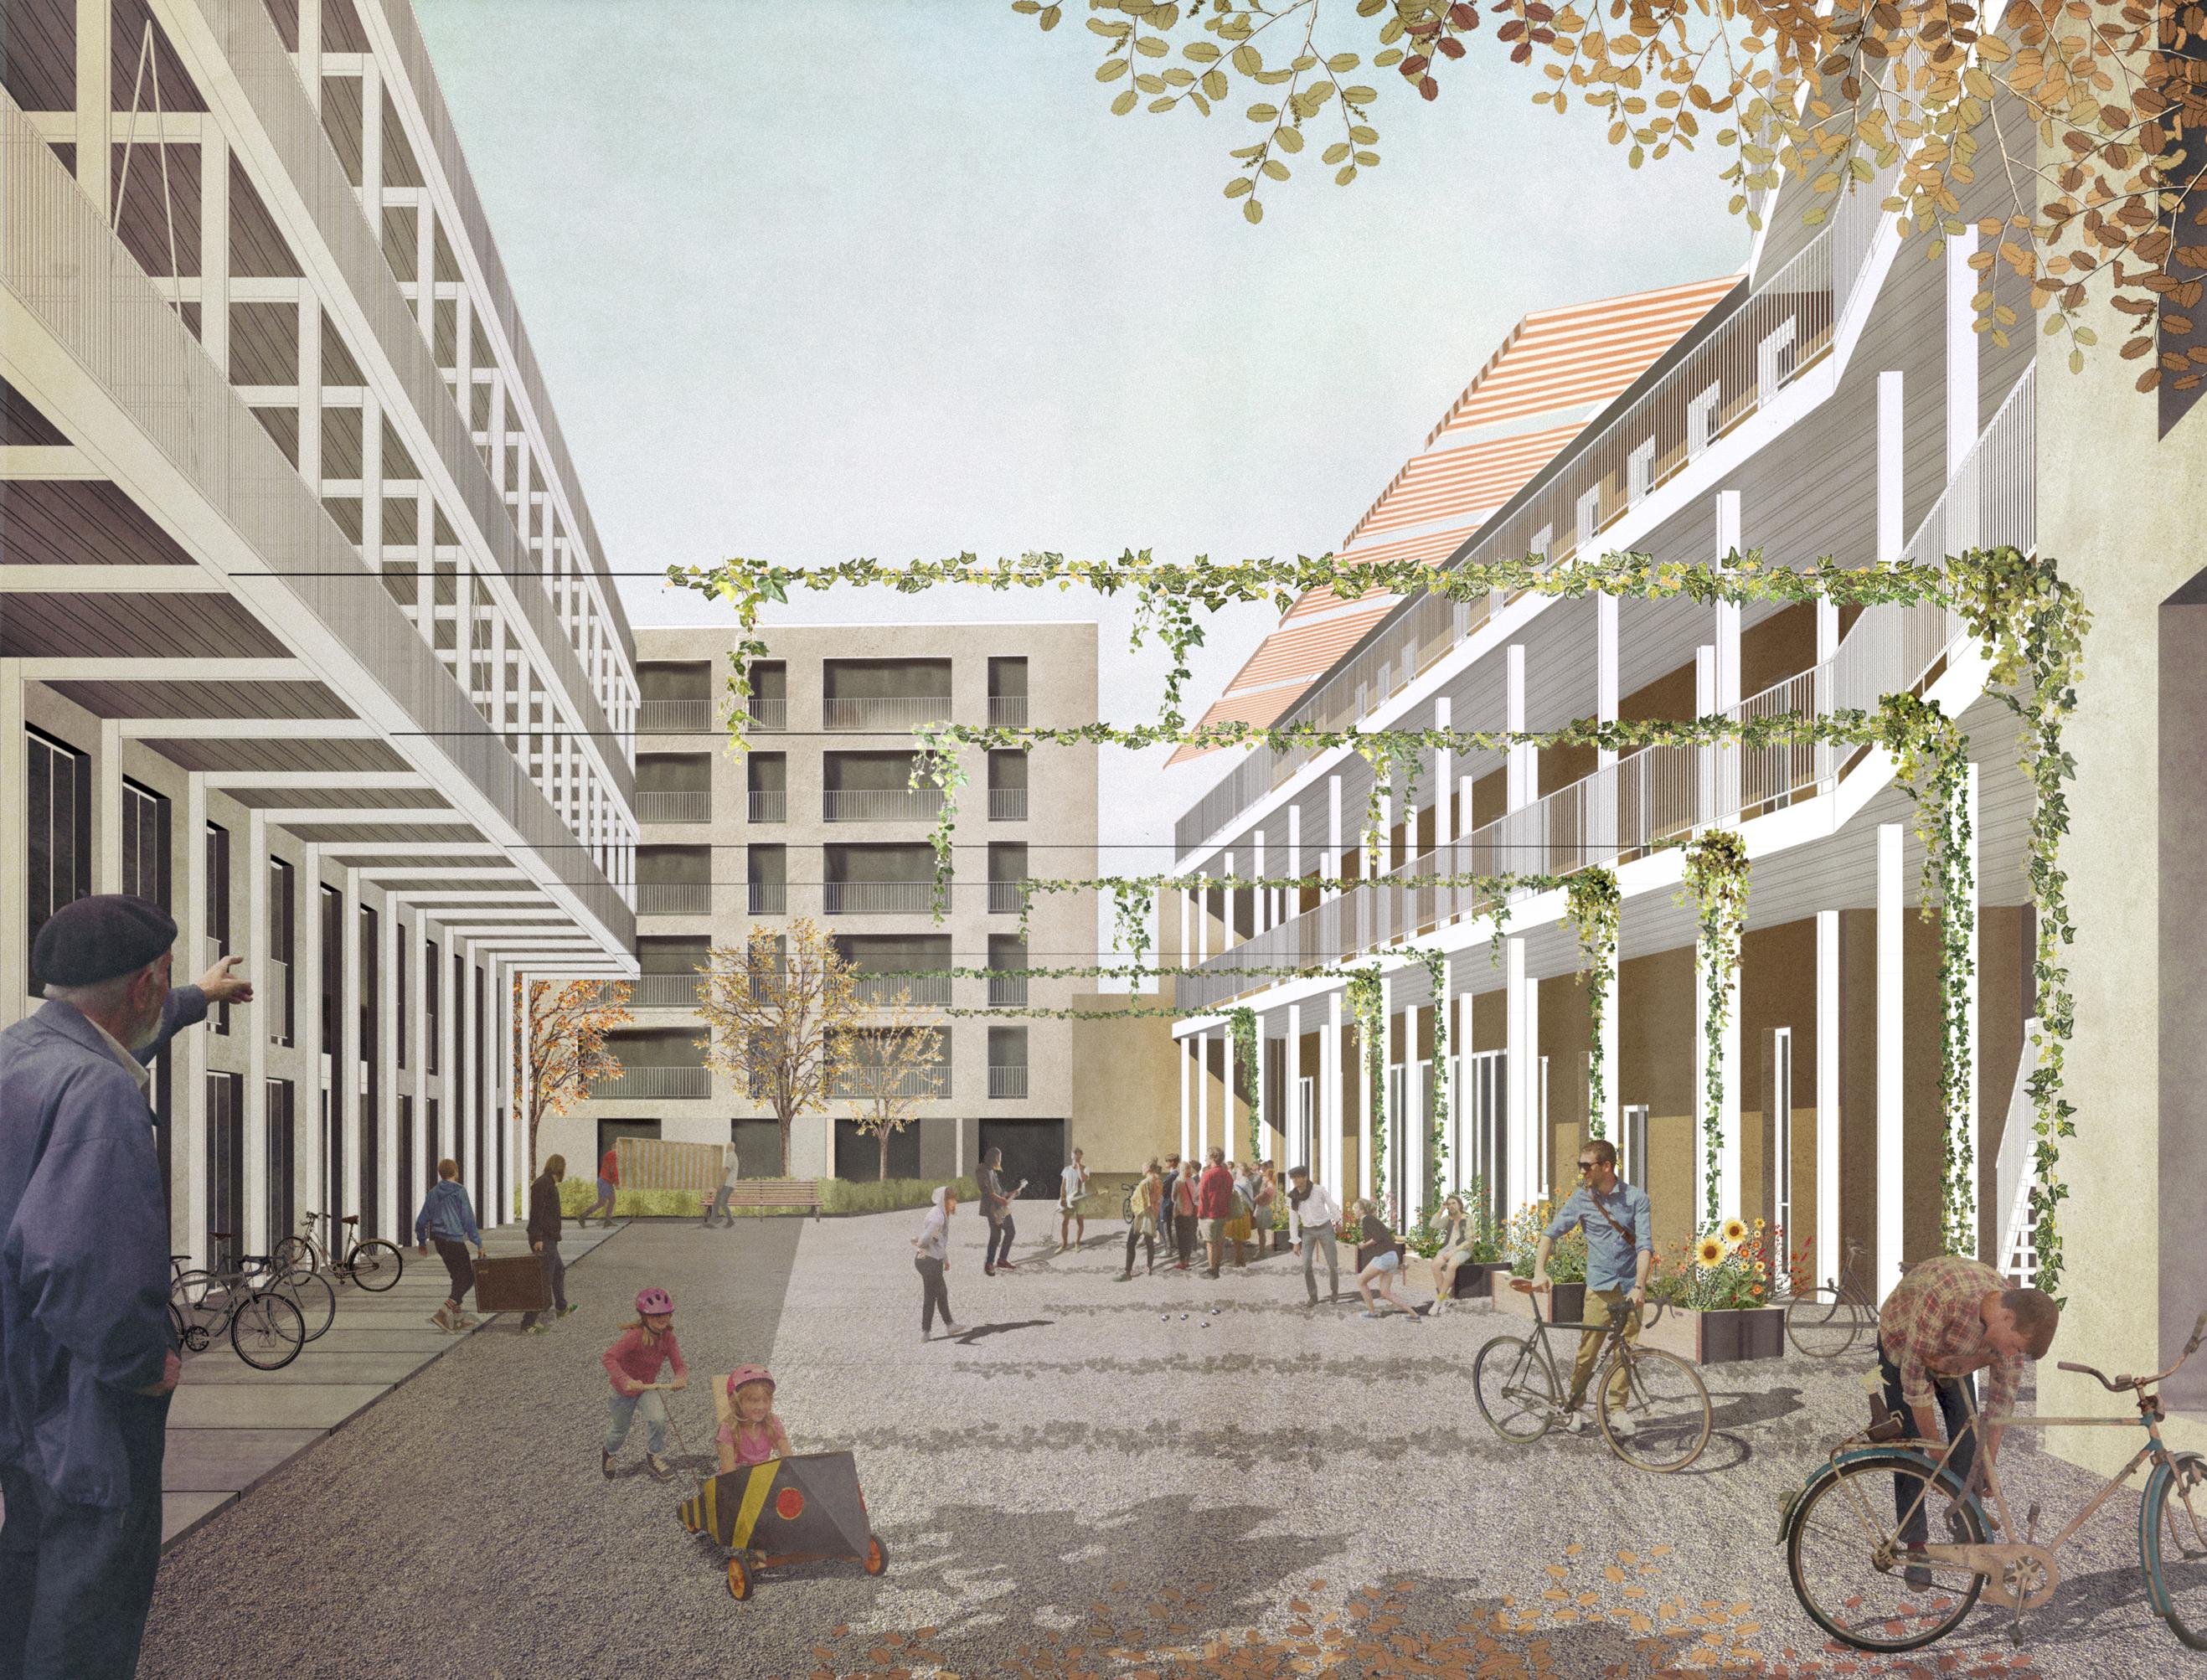 Visualisierung aus der druckfrischen Broschüre zum Wohnwerk Teiggi in Kriens.